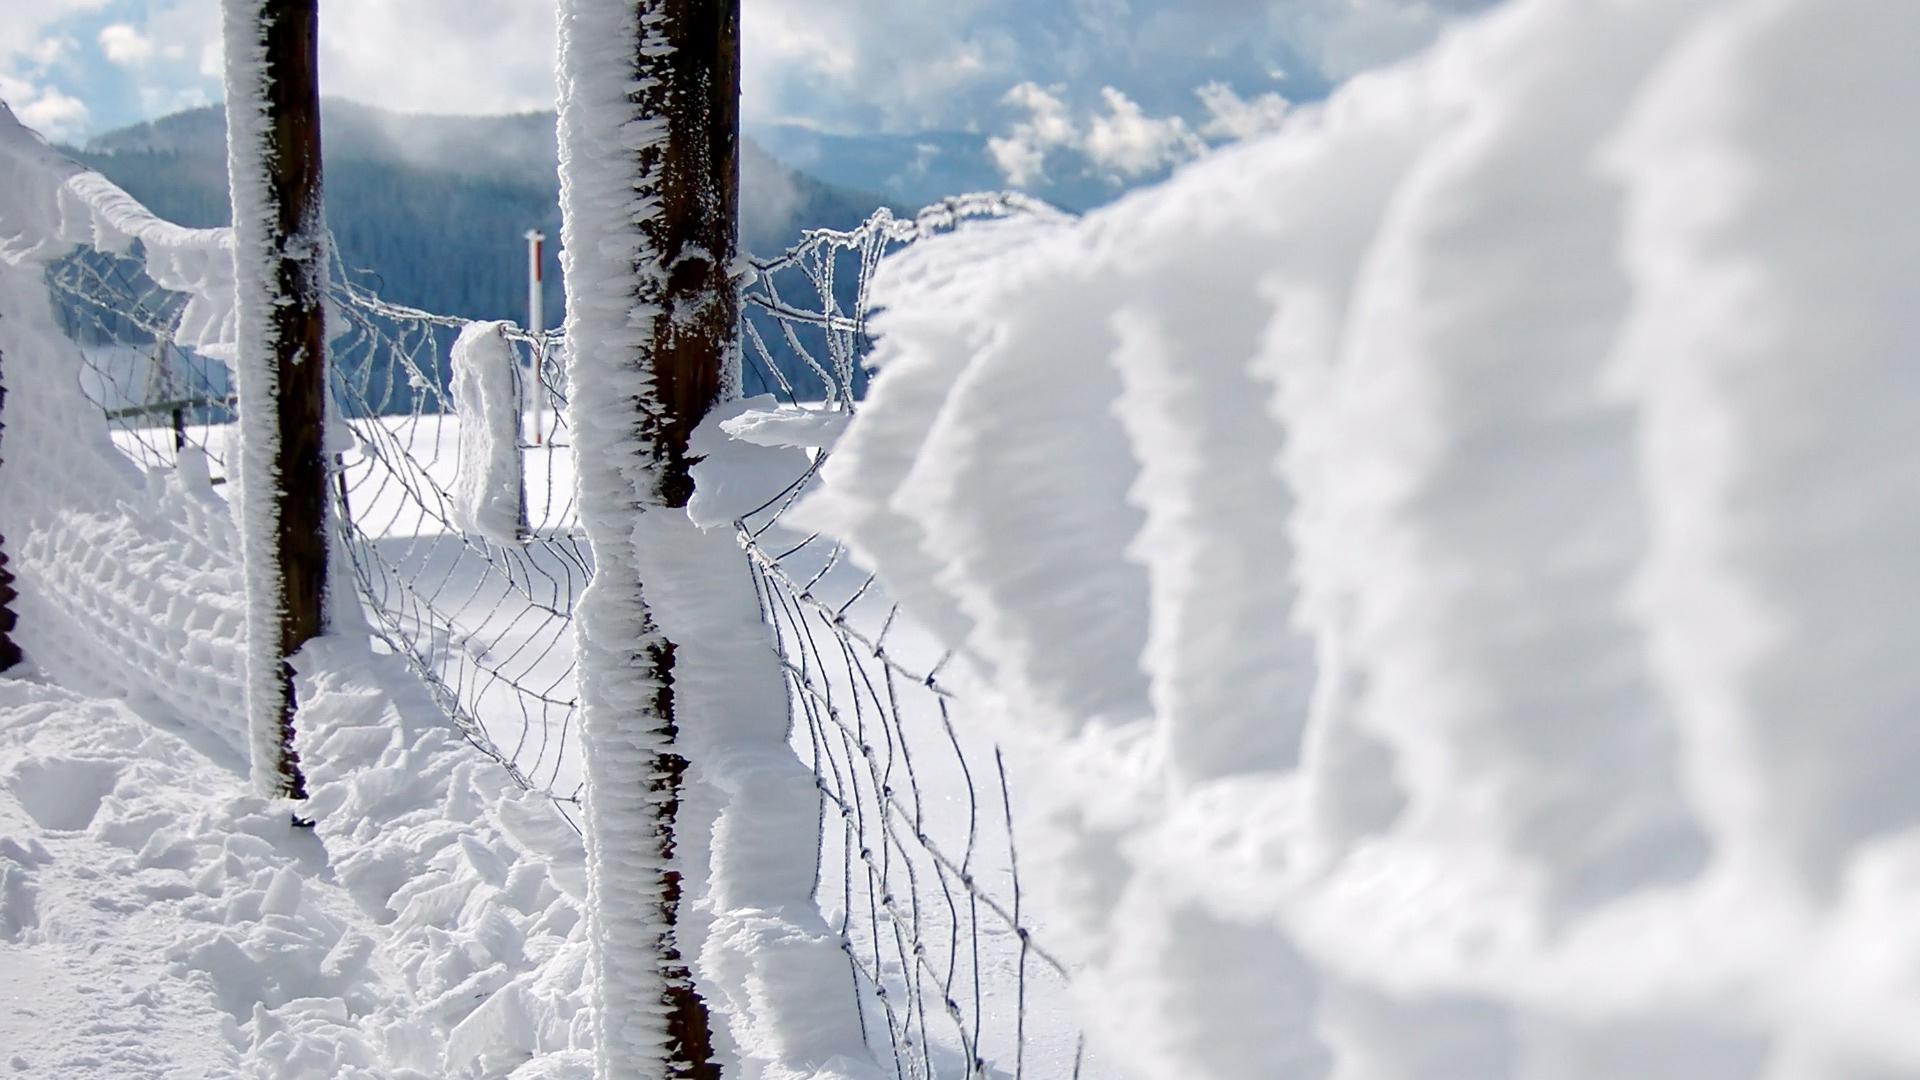 обои для рабочего стола первый снег природа 2751